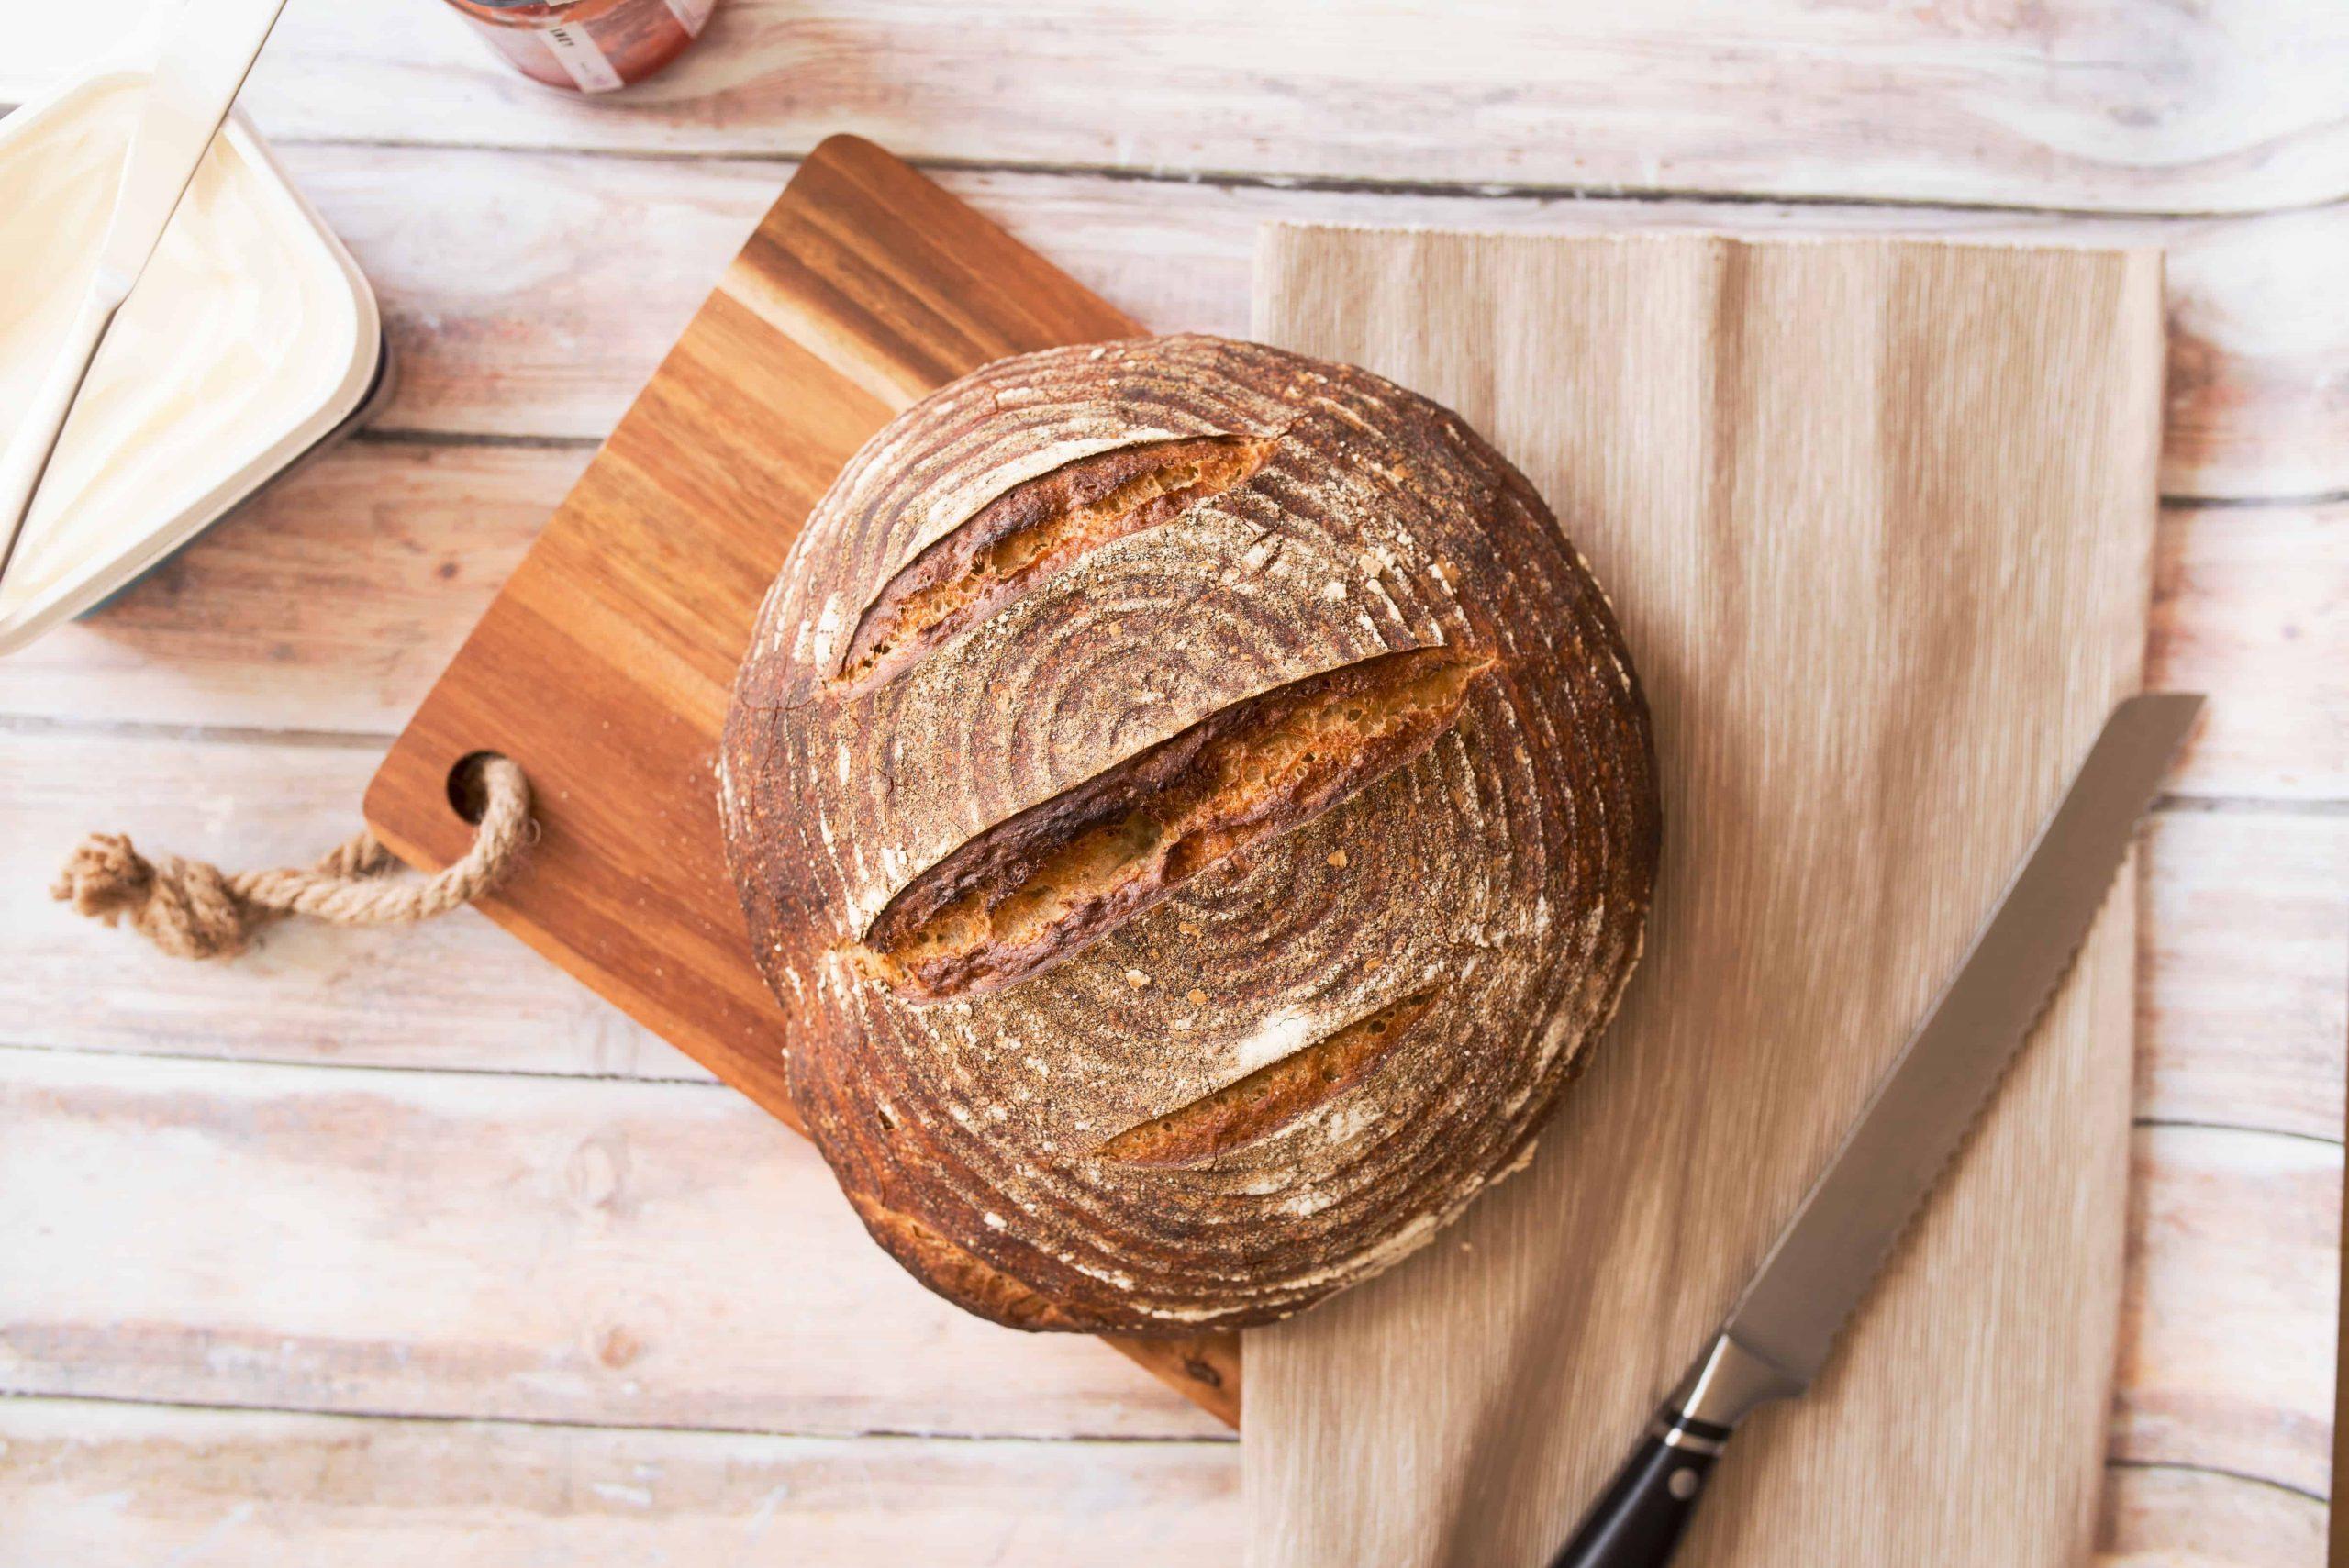 Brotmesser: Test & Empfehlungen (11/20)